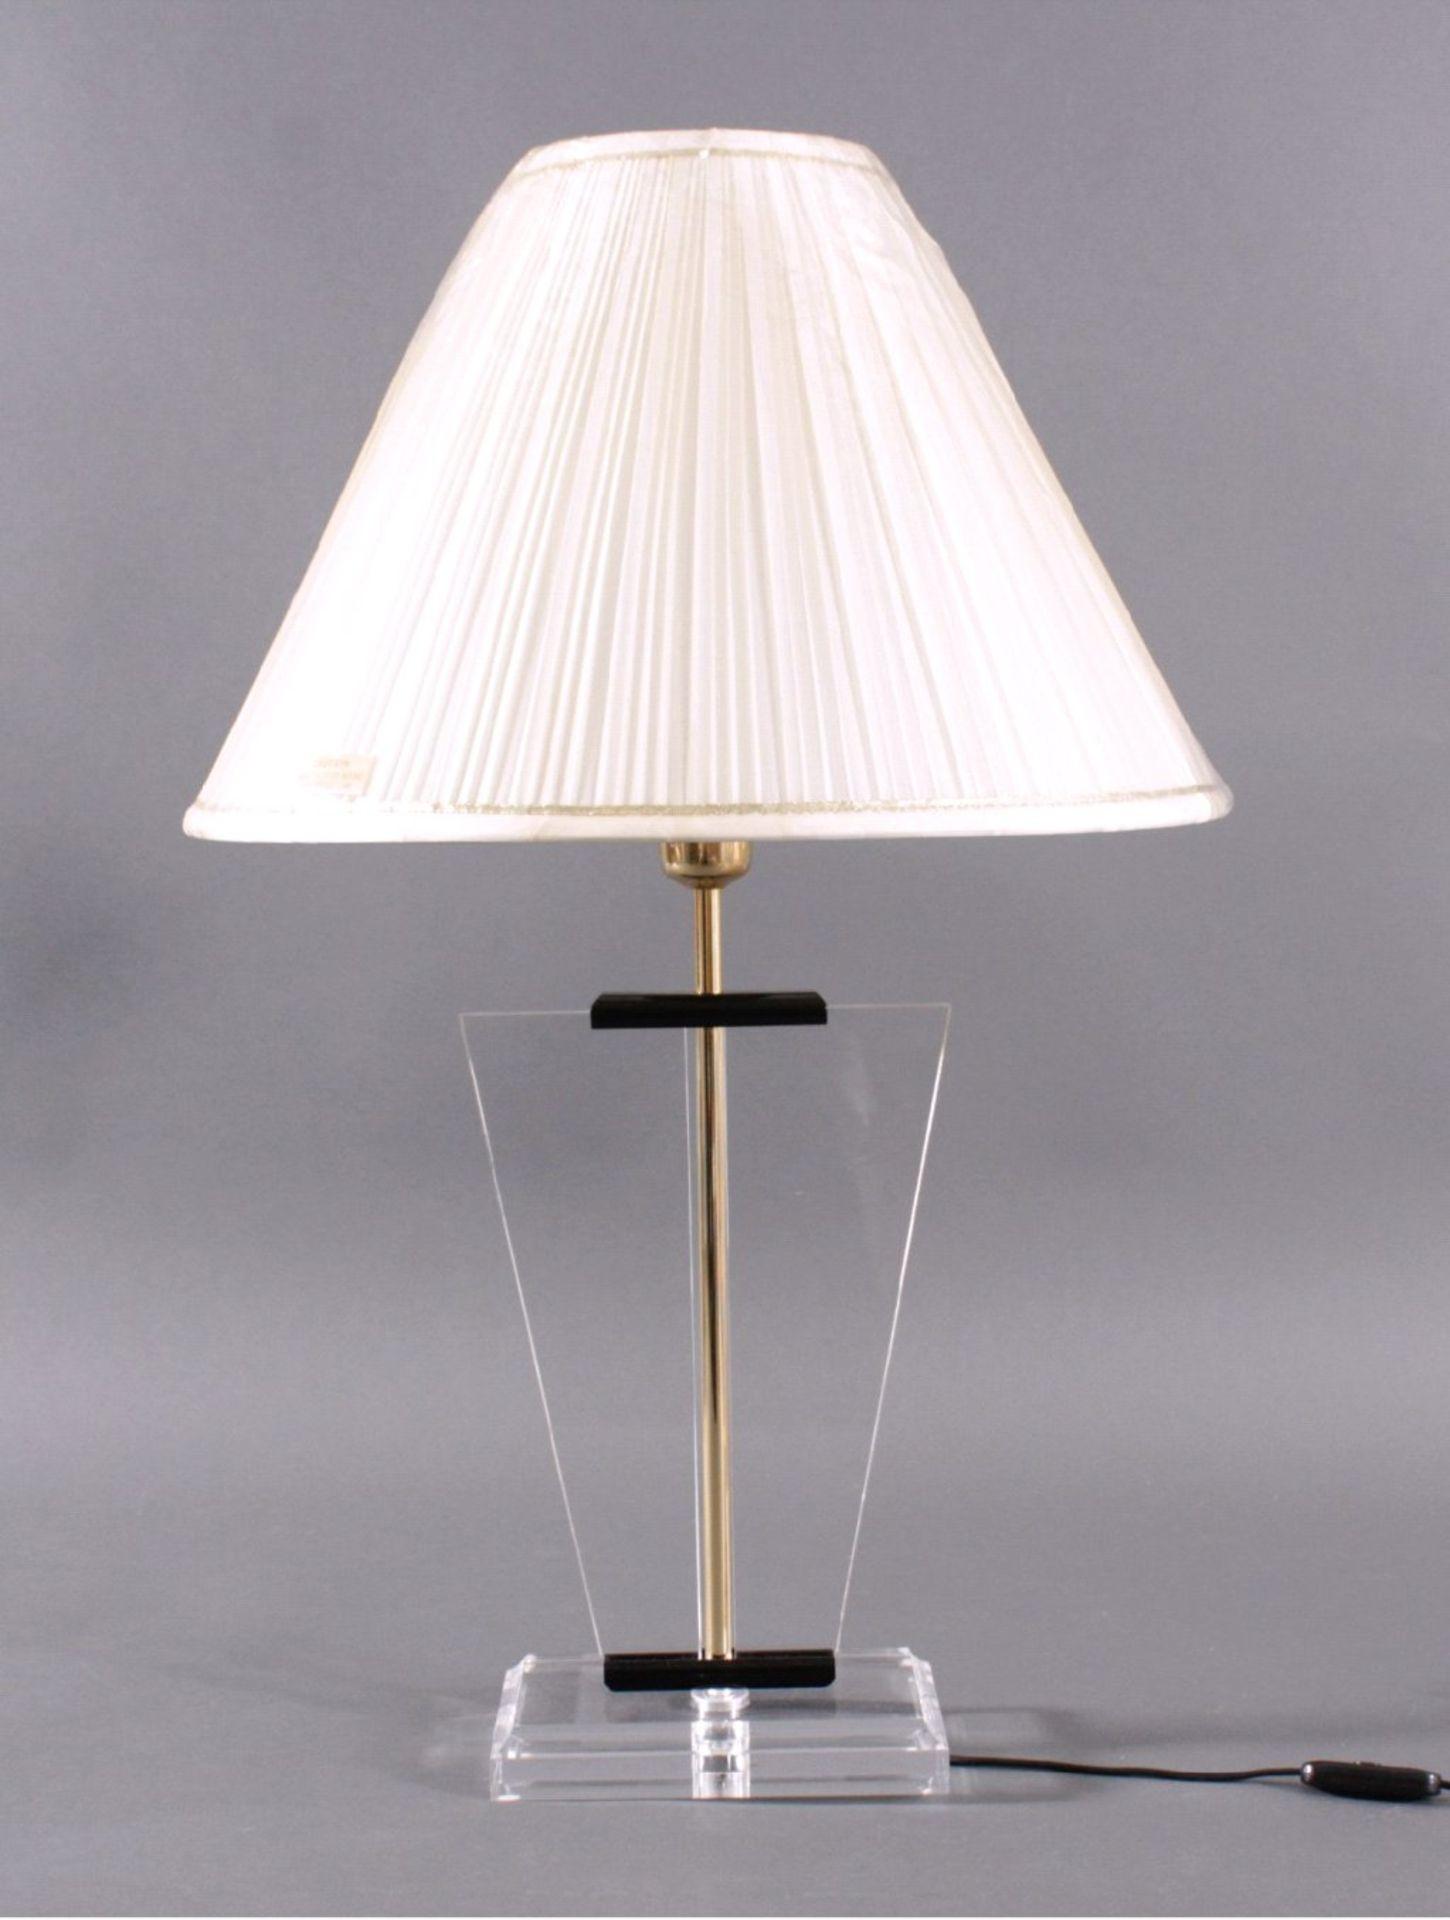 Tischlampe wohl 70er JahreDurchsichtiger Acrylfuss mit durchlaufendem Messingrohr, ca.H- 73 cm, D-